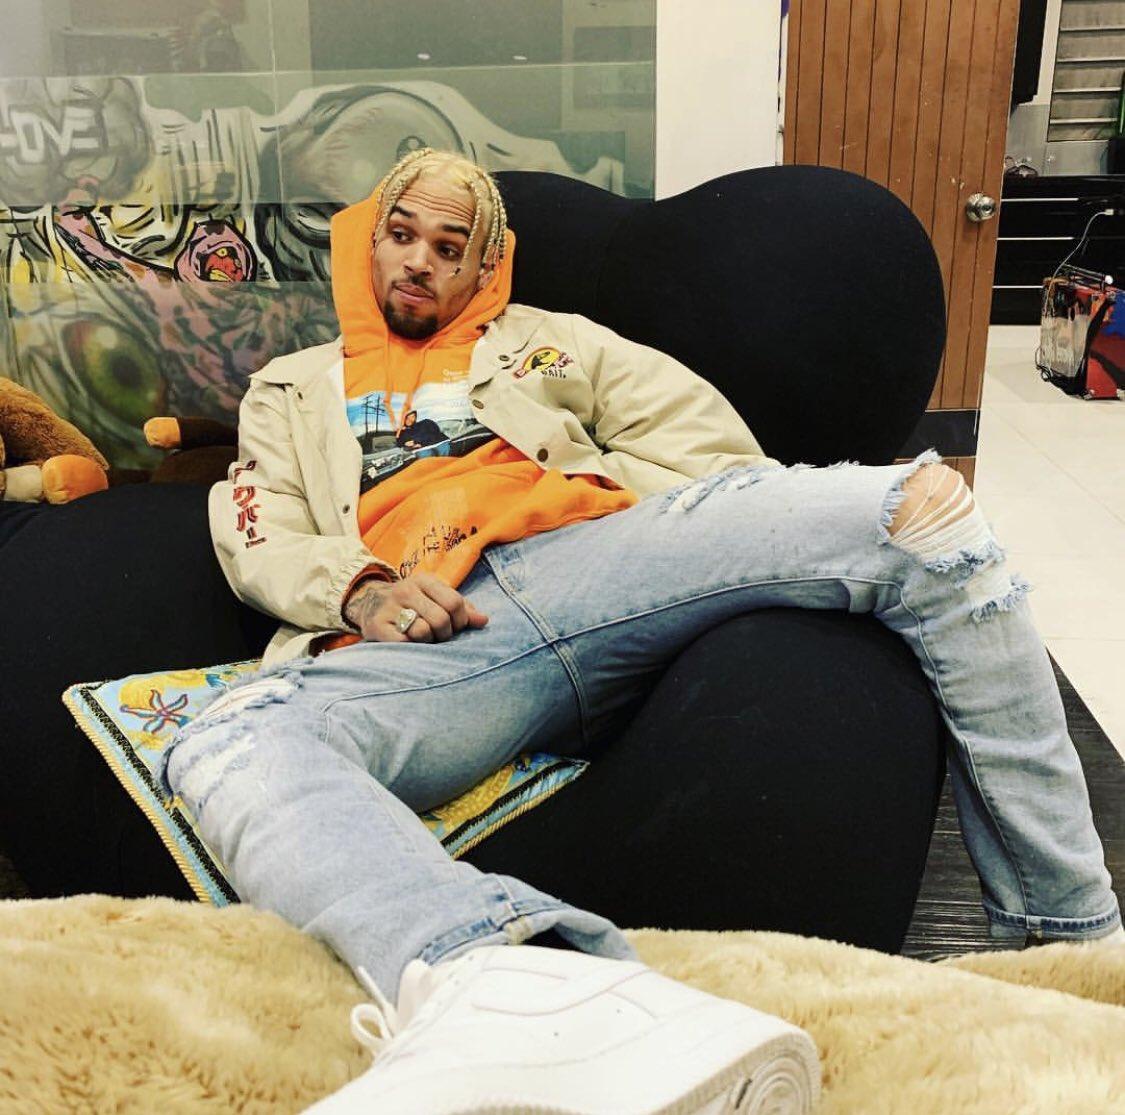 Chris Brown top tweets